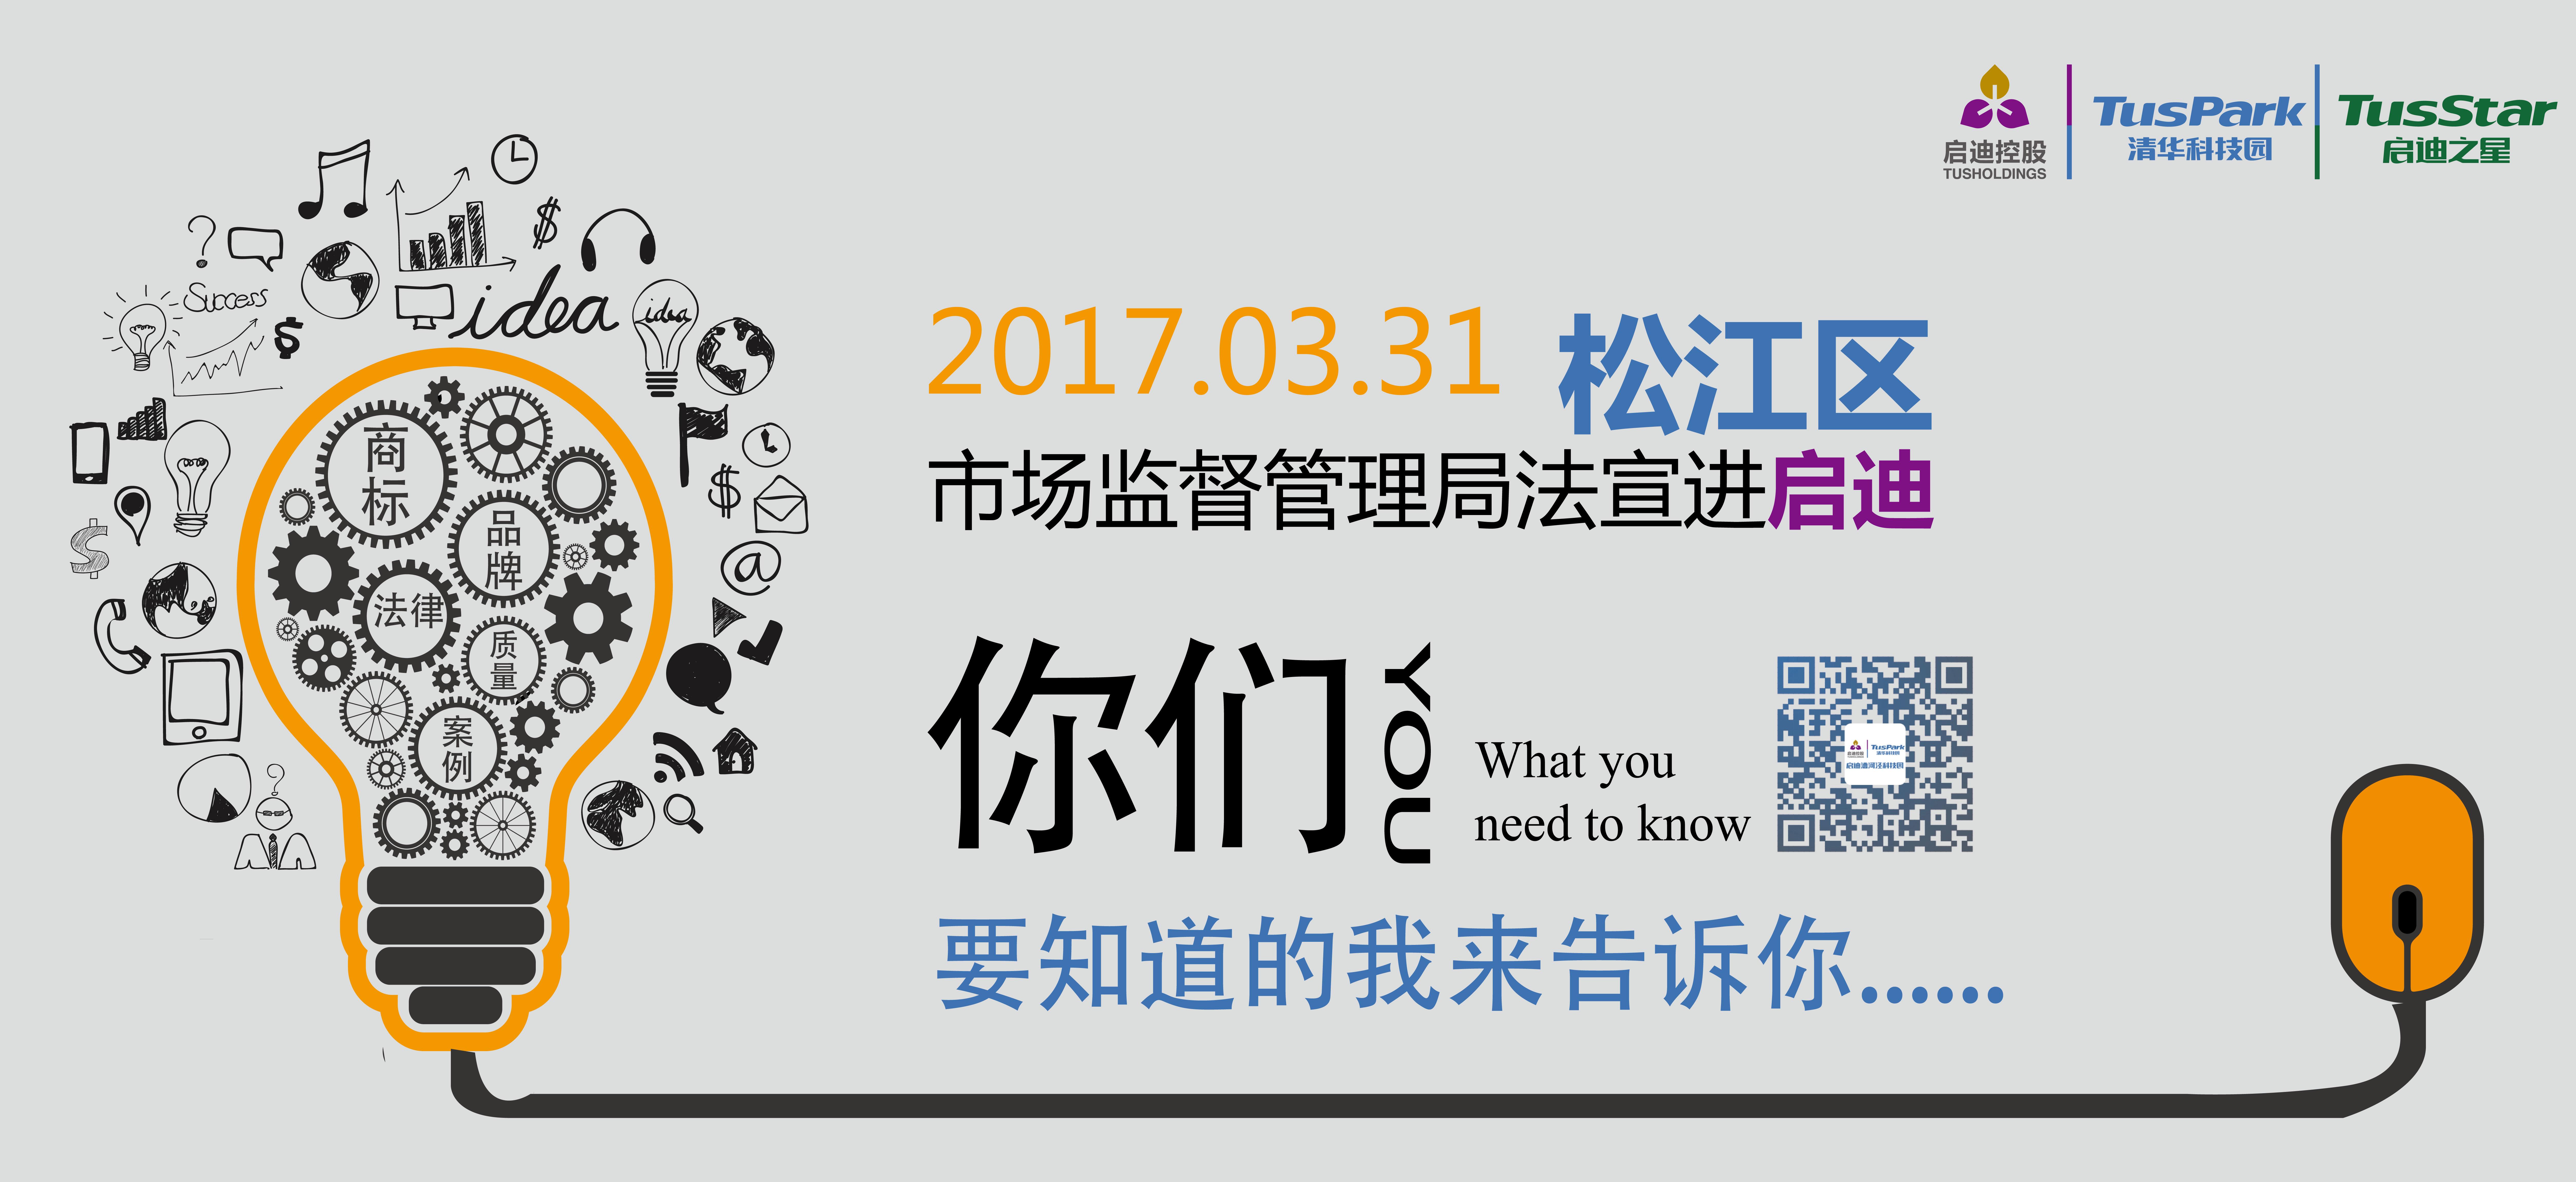 启迪之星·上海松江预告|2017年松江区市监局法宣活动进启迪  你不得不听的好讲座